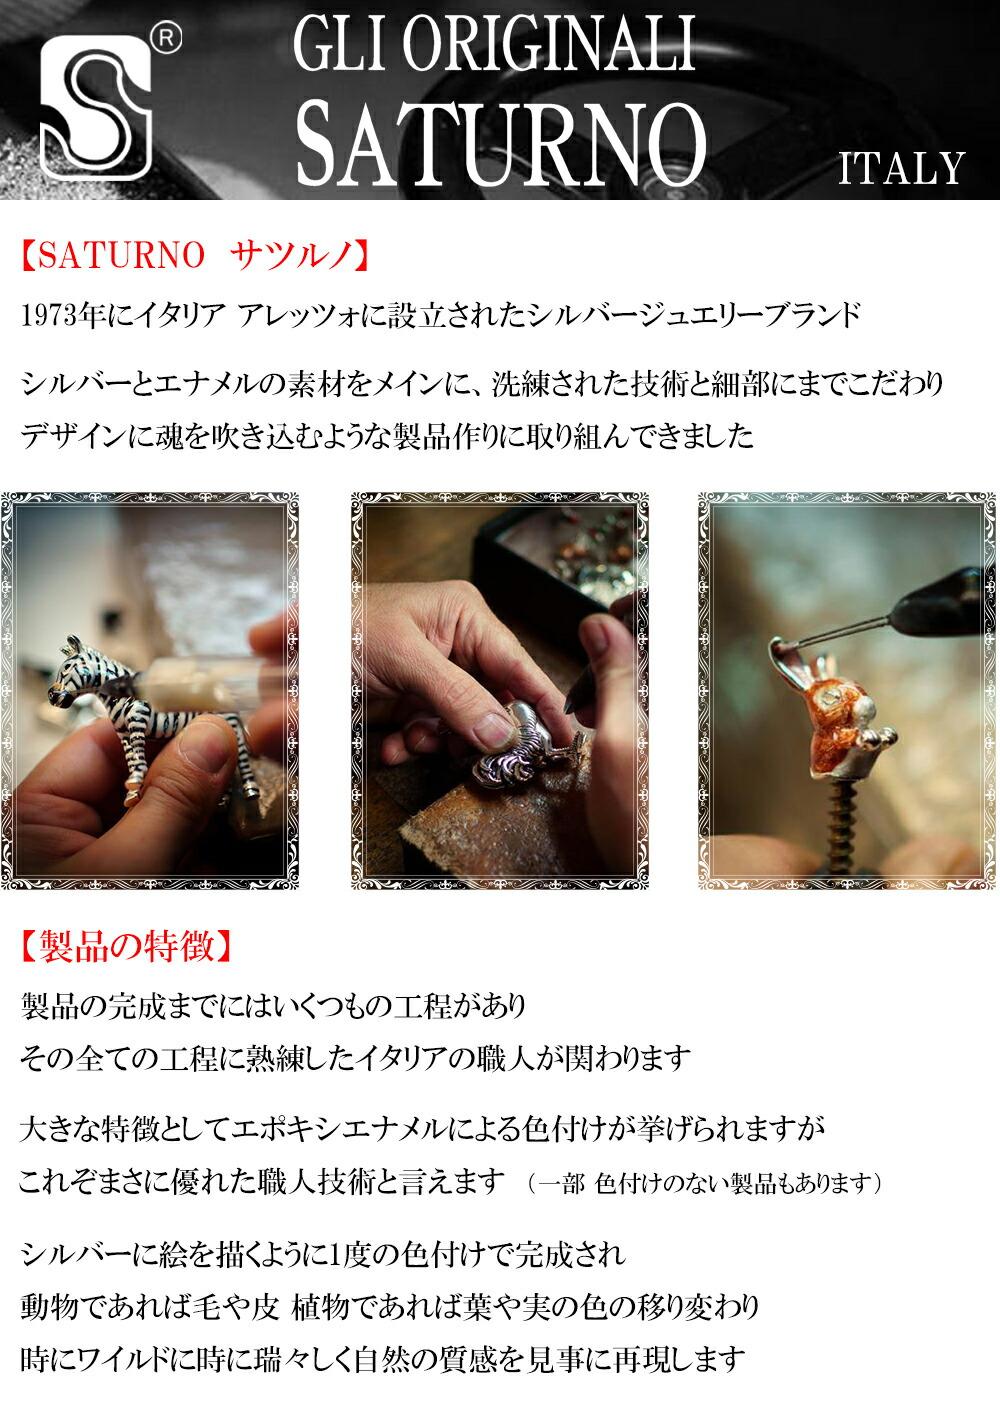 サツルノの商品説明